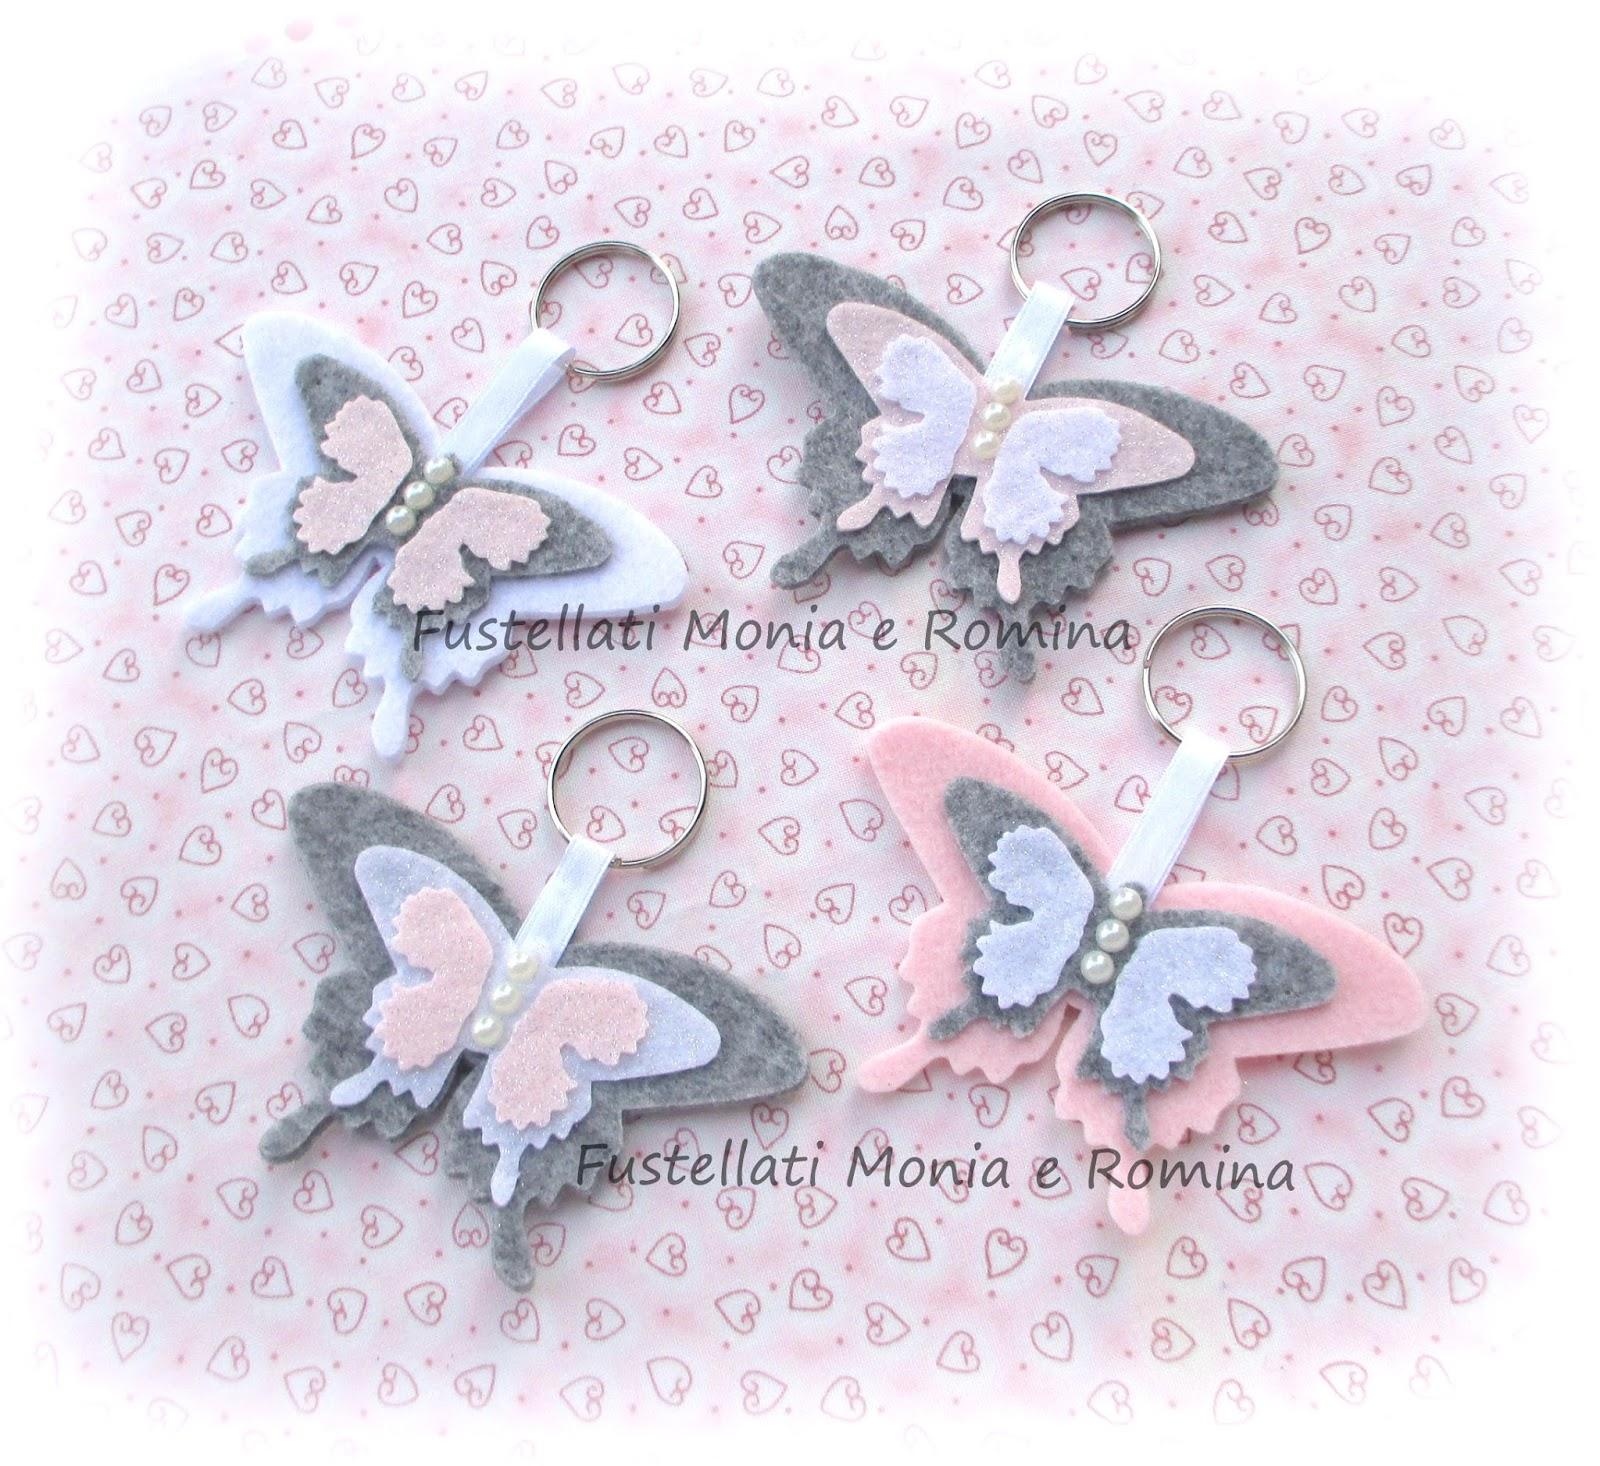 Portachiavi Shabby Chic A Forma Di Delicate Farfalle Rosa Grigio E